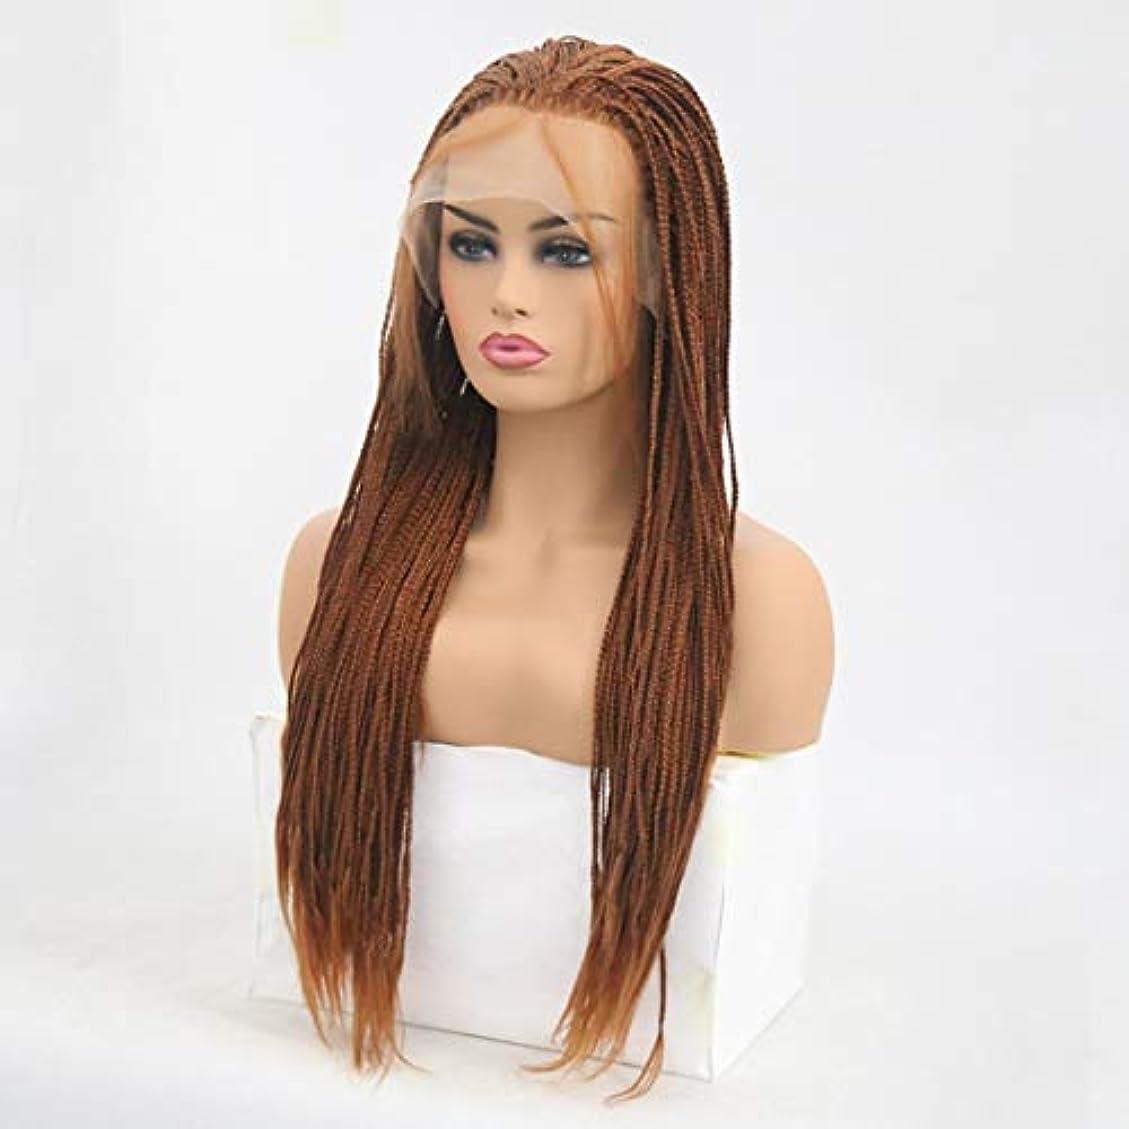 染色集める枢機卿Kerwinner 女性のための前髪の髪のかつらで絹のような長いストレート黒かつら耐熱合成かつら (Size : 20 inches)